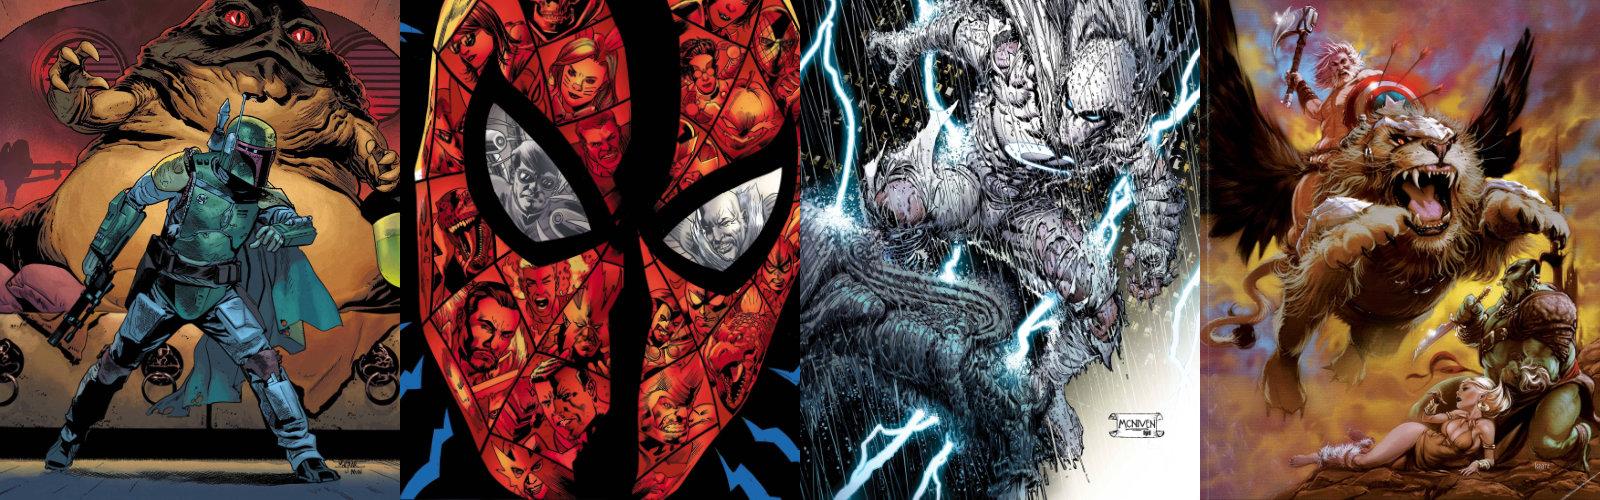 Solicitations: July 2021 – Marvel Comics